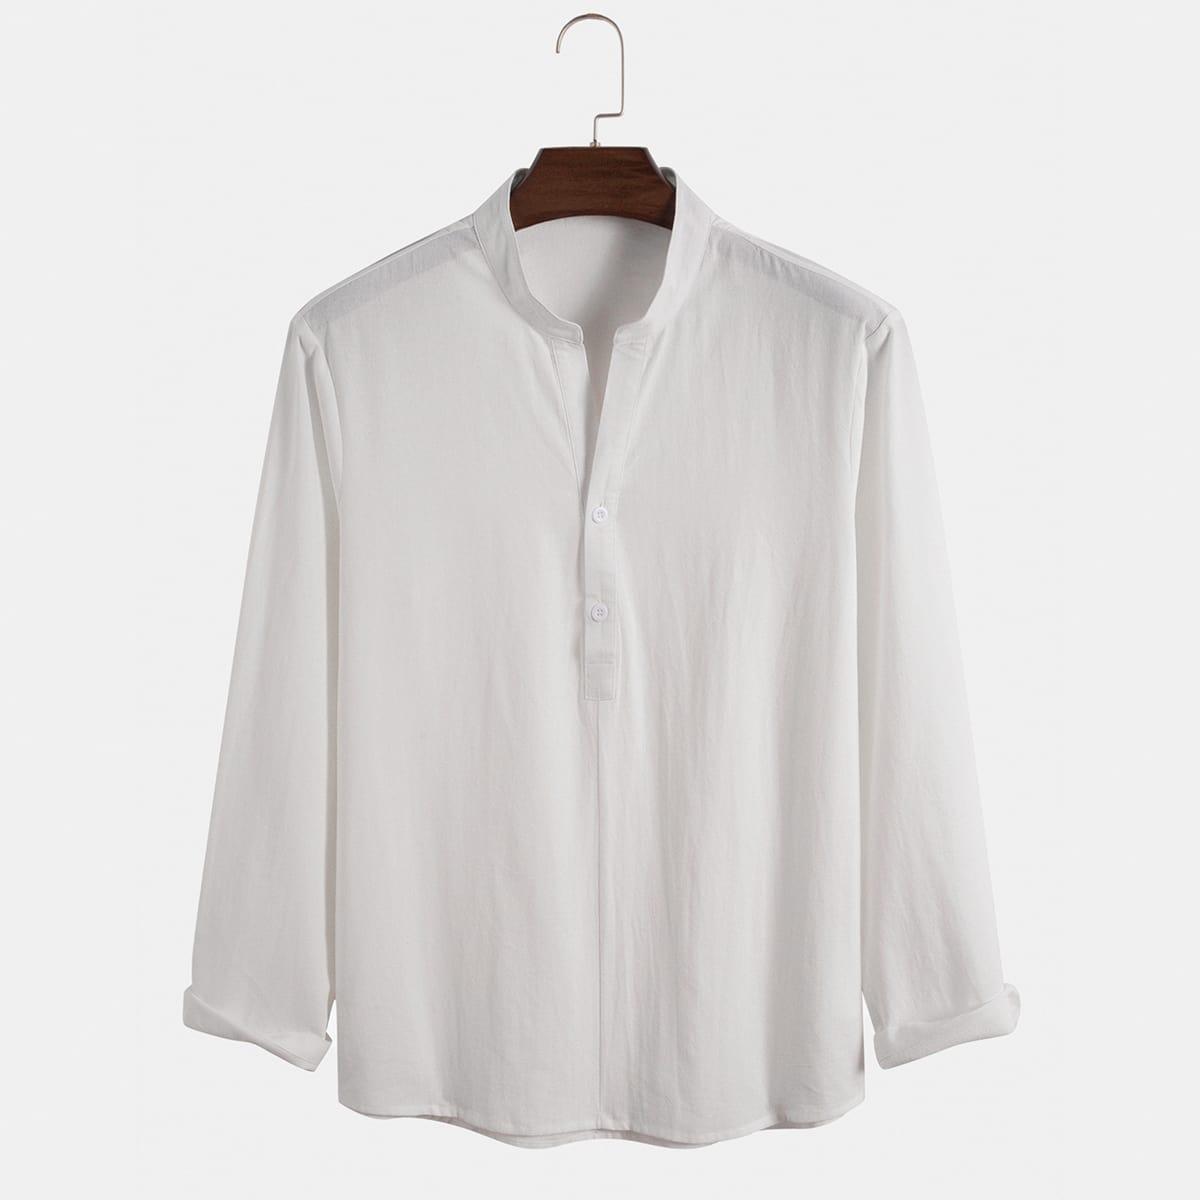 Мужская рубашка на пуговицах